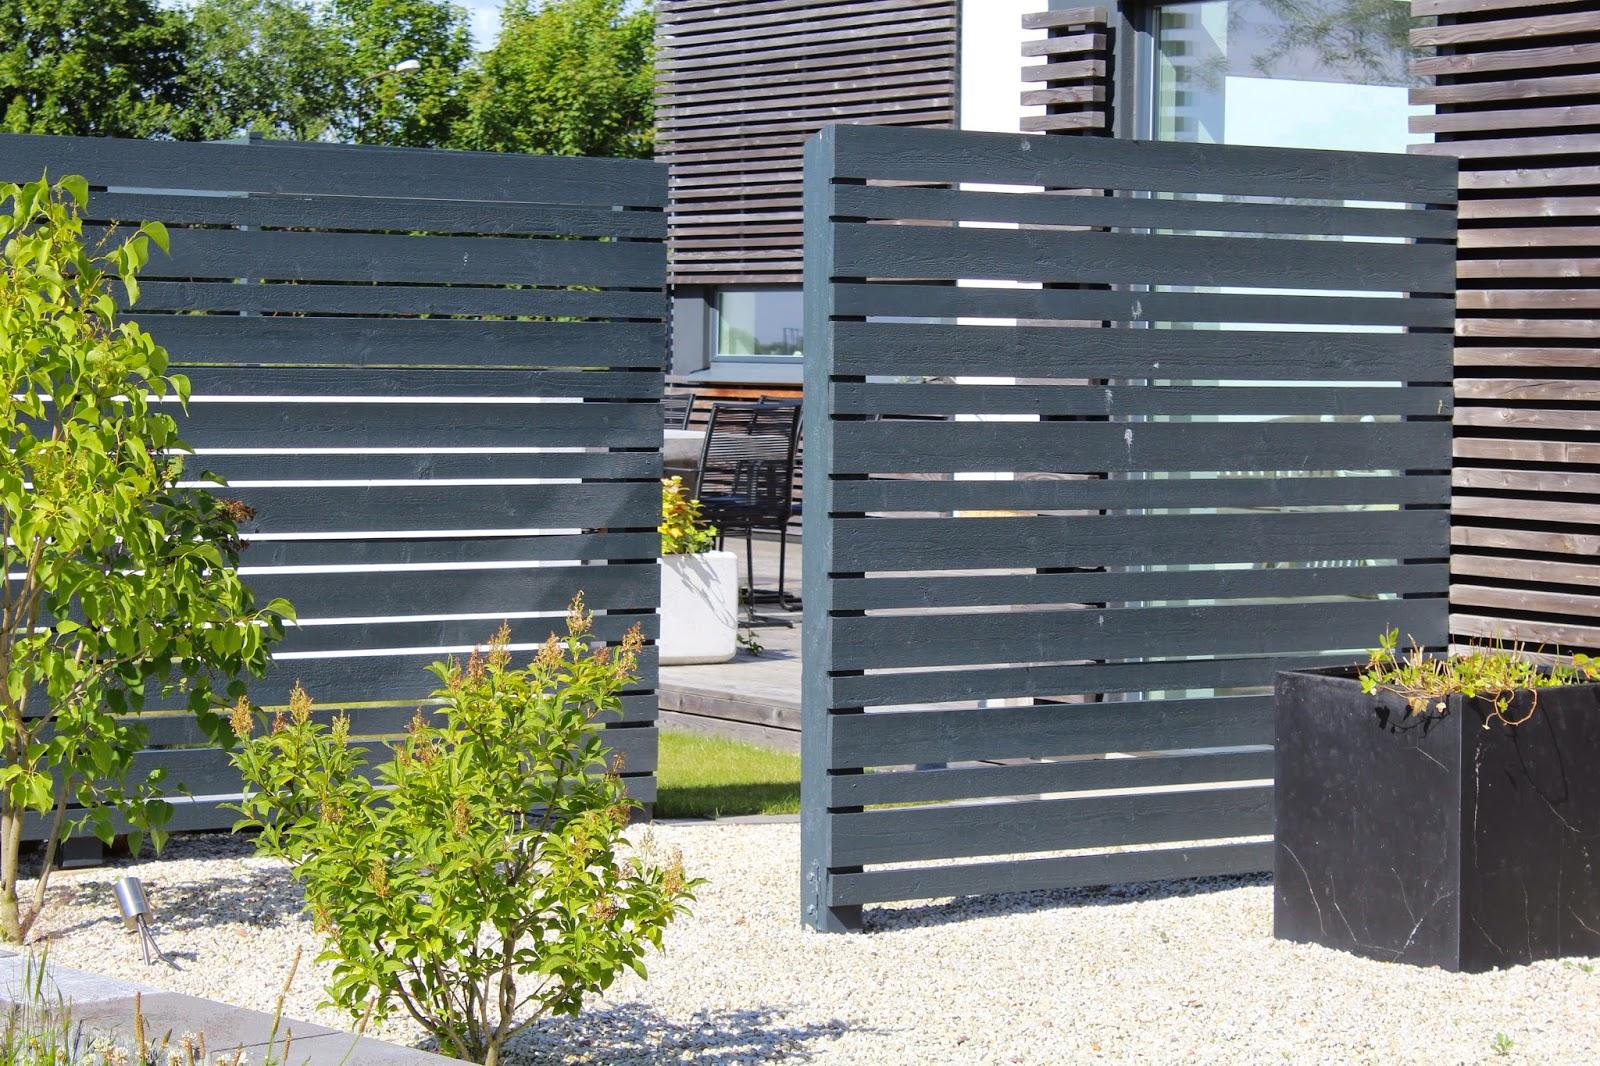 Lotta InsideOut: Skånska trädgårdar